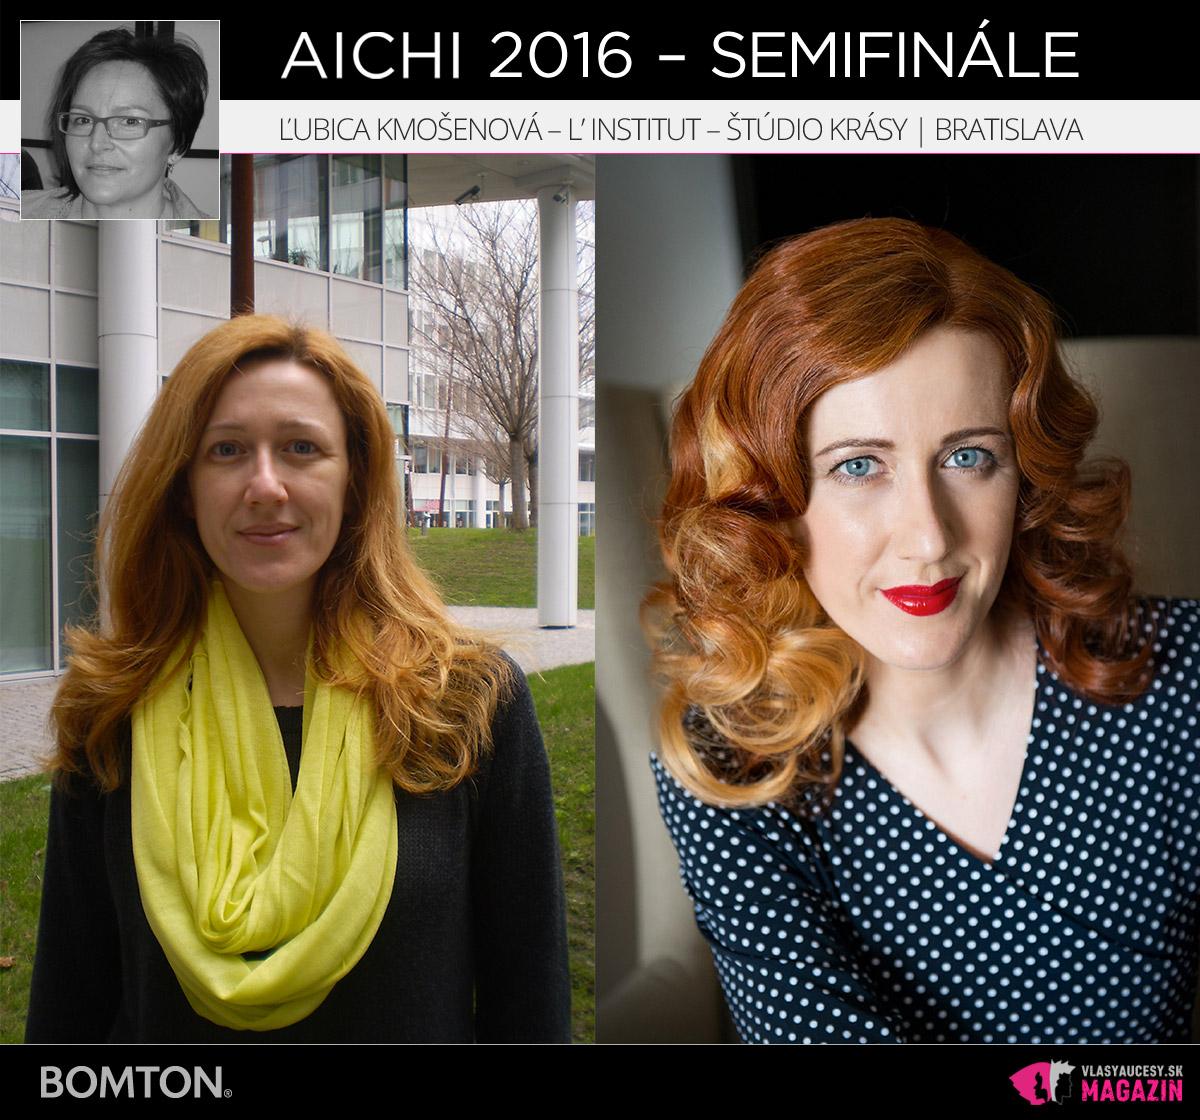 Ľubica Kmošenová – L'Institut – štúdio krásy, Bratislava | Premeny AICHI 2016 – postupujúci do semifinálového kola